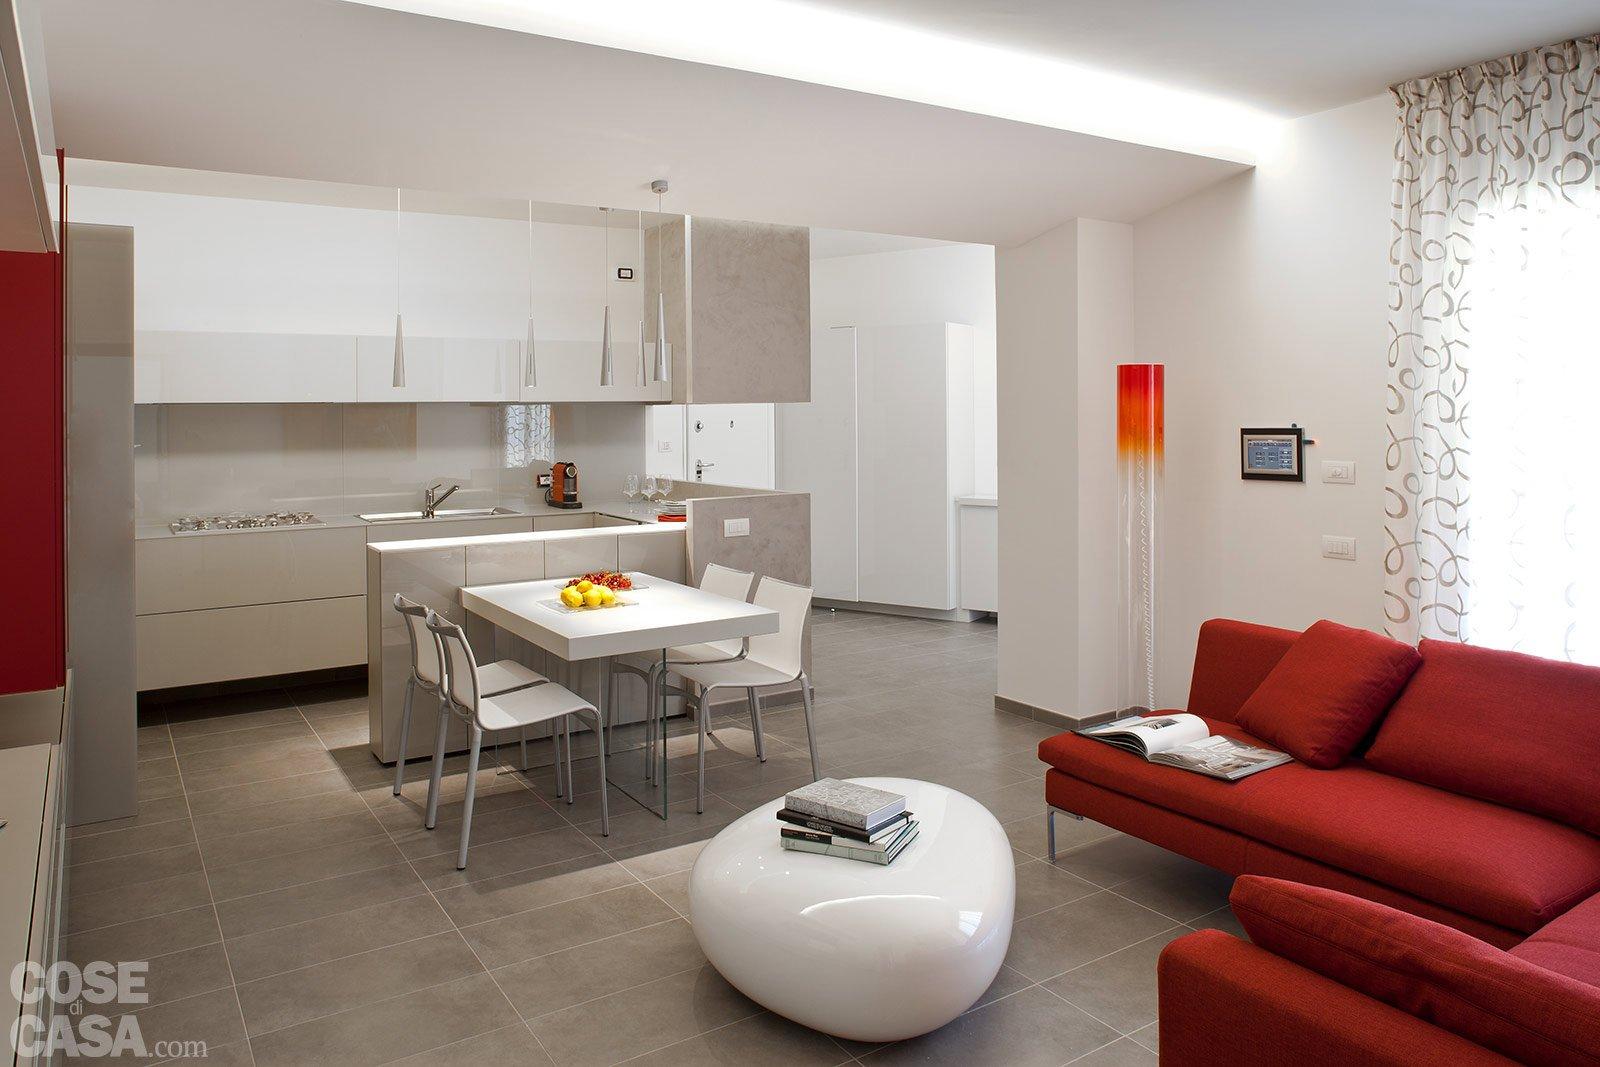 Casa Scannella Fiorentini Soggiorno1 #A65B25 1600 1067 Come Arredare Soggiorno Piccolo Con Cucina A Vista